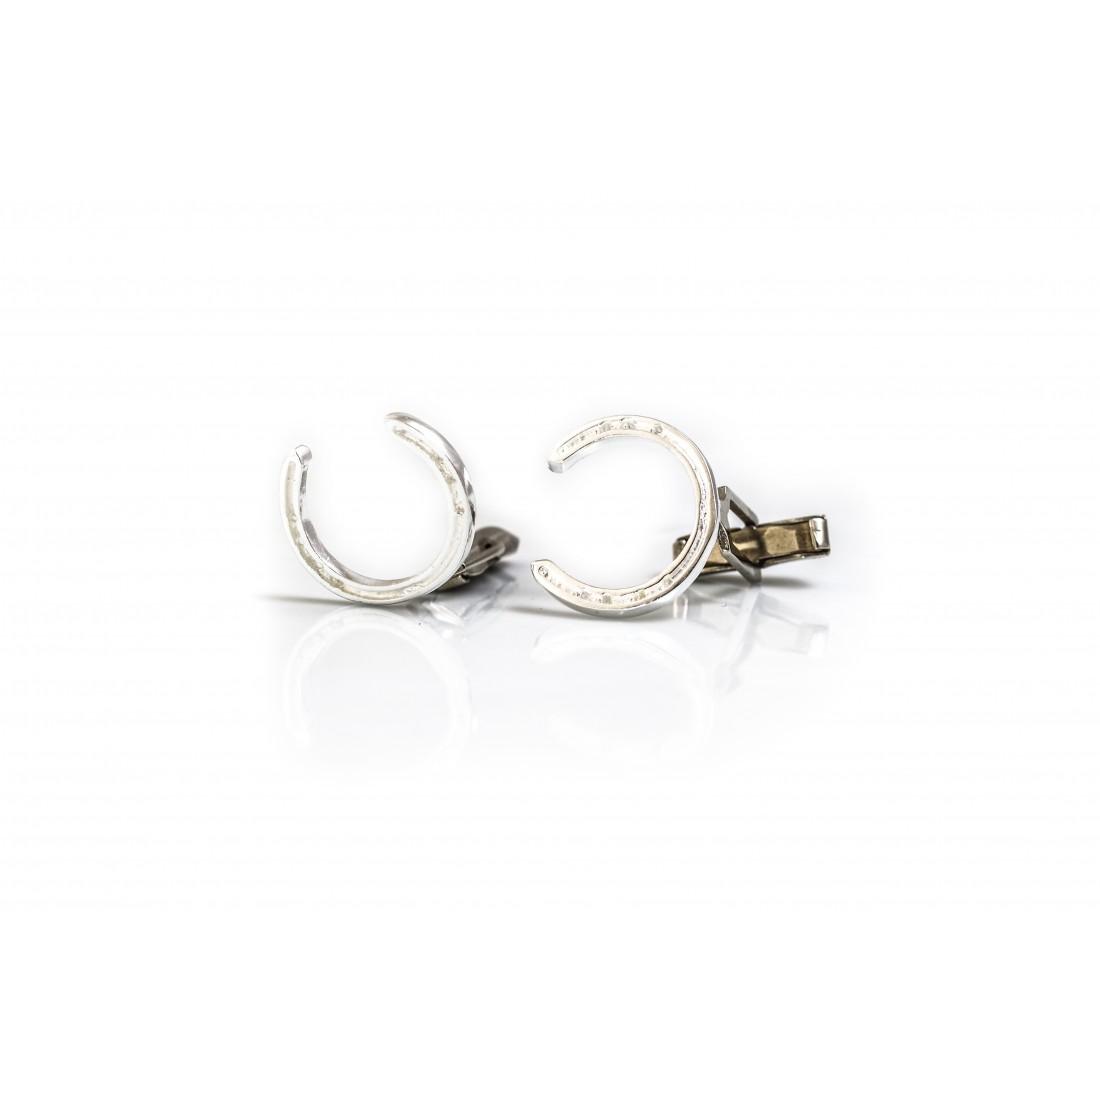 Sterling Silver Horseshoe Cufflinks